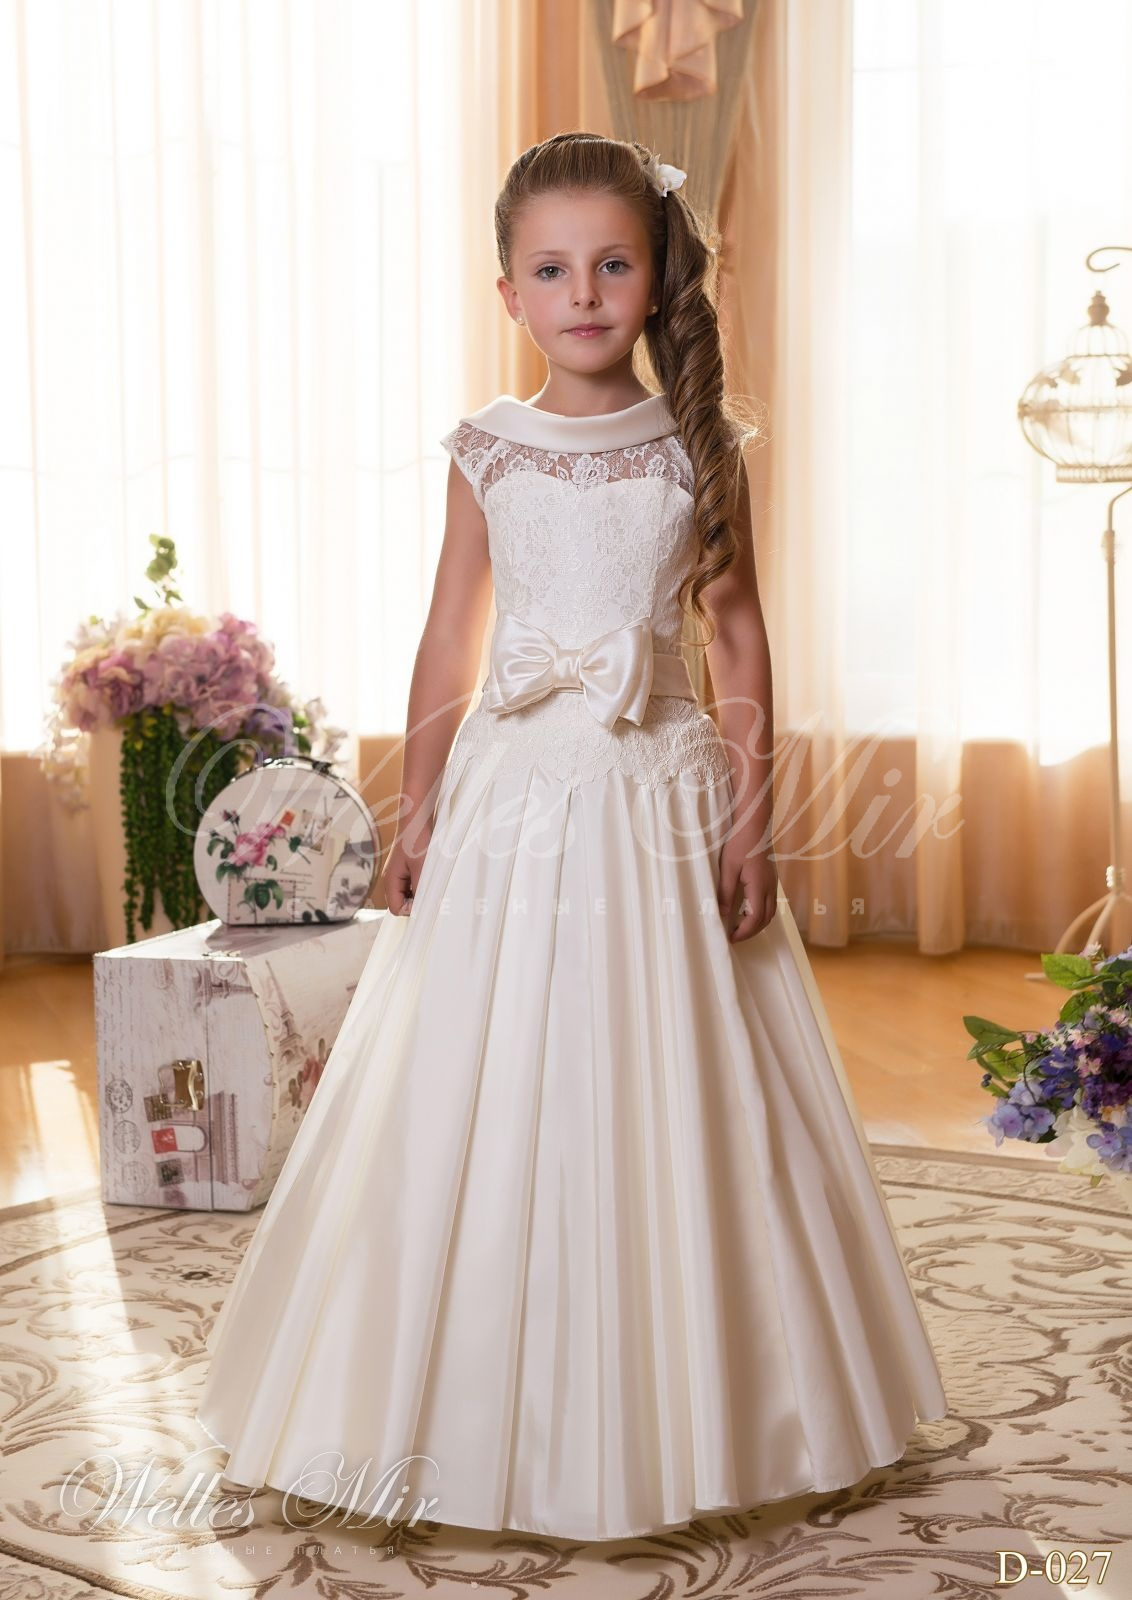 Детские платья Детские платья 2015 - D-027